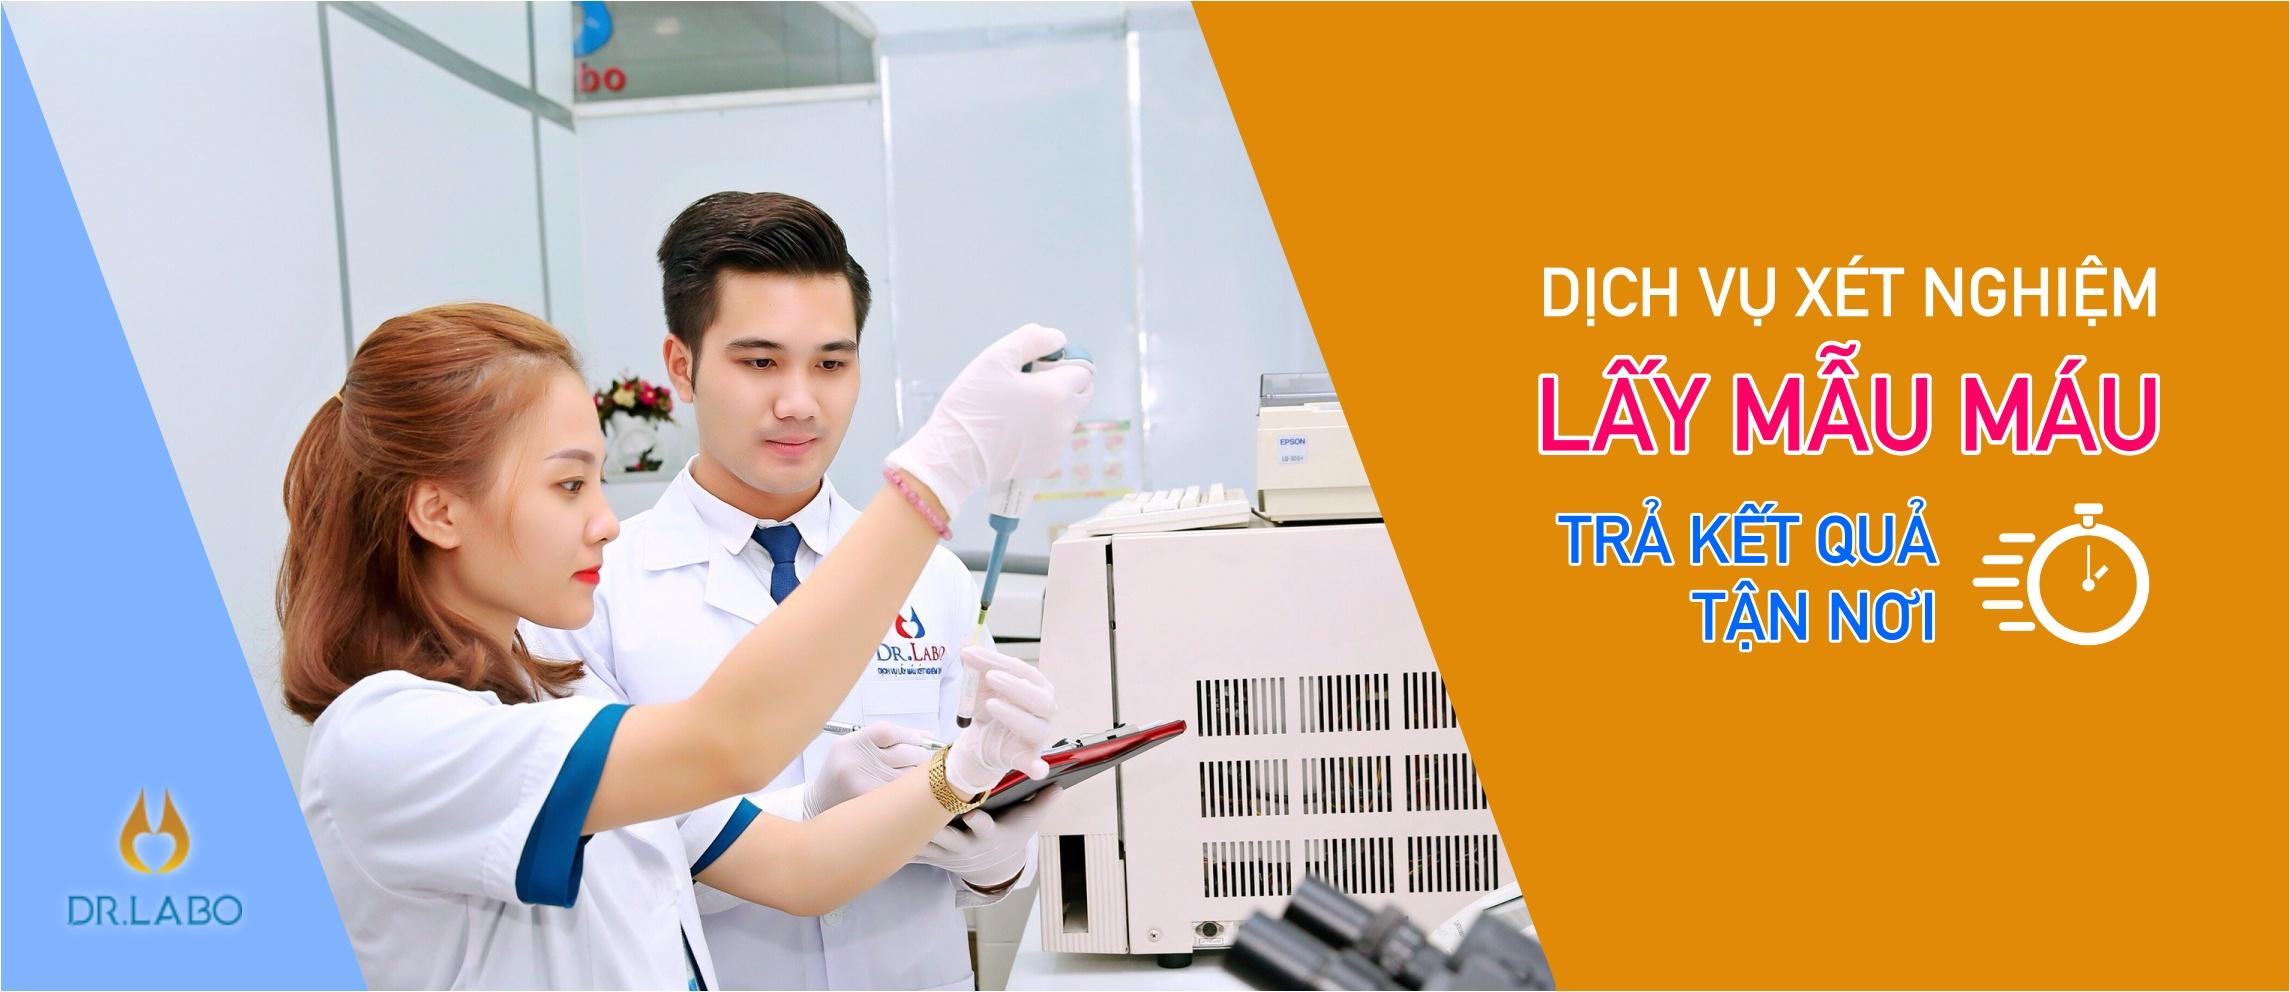 Dịch vụ xét nghiệm máu tại nhà